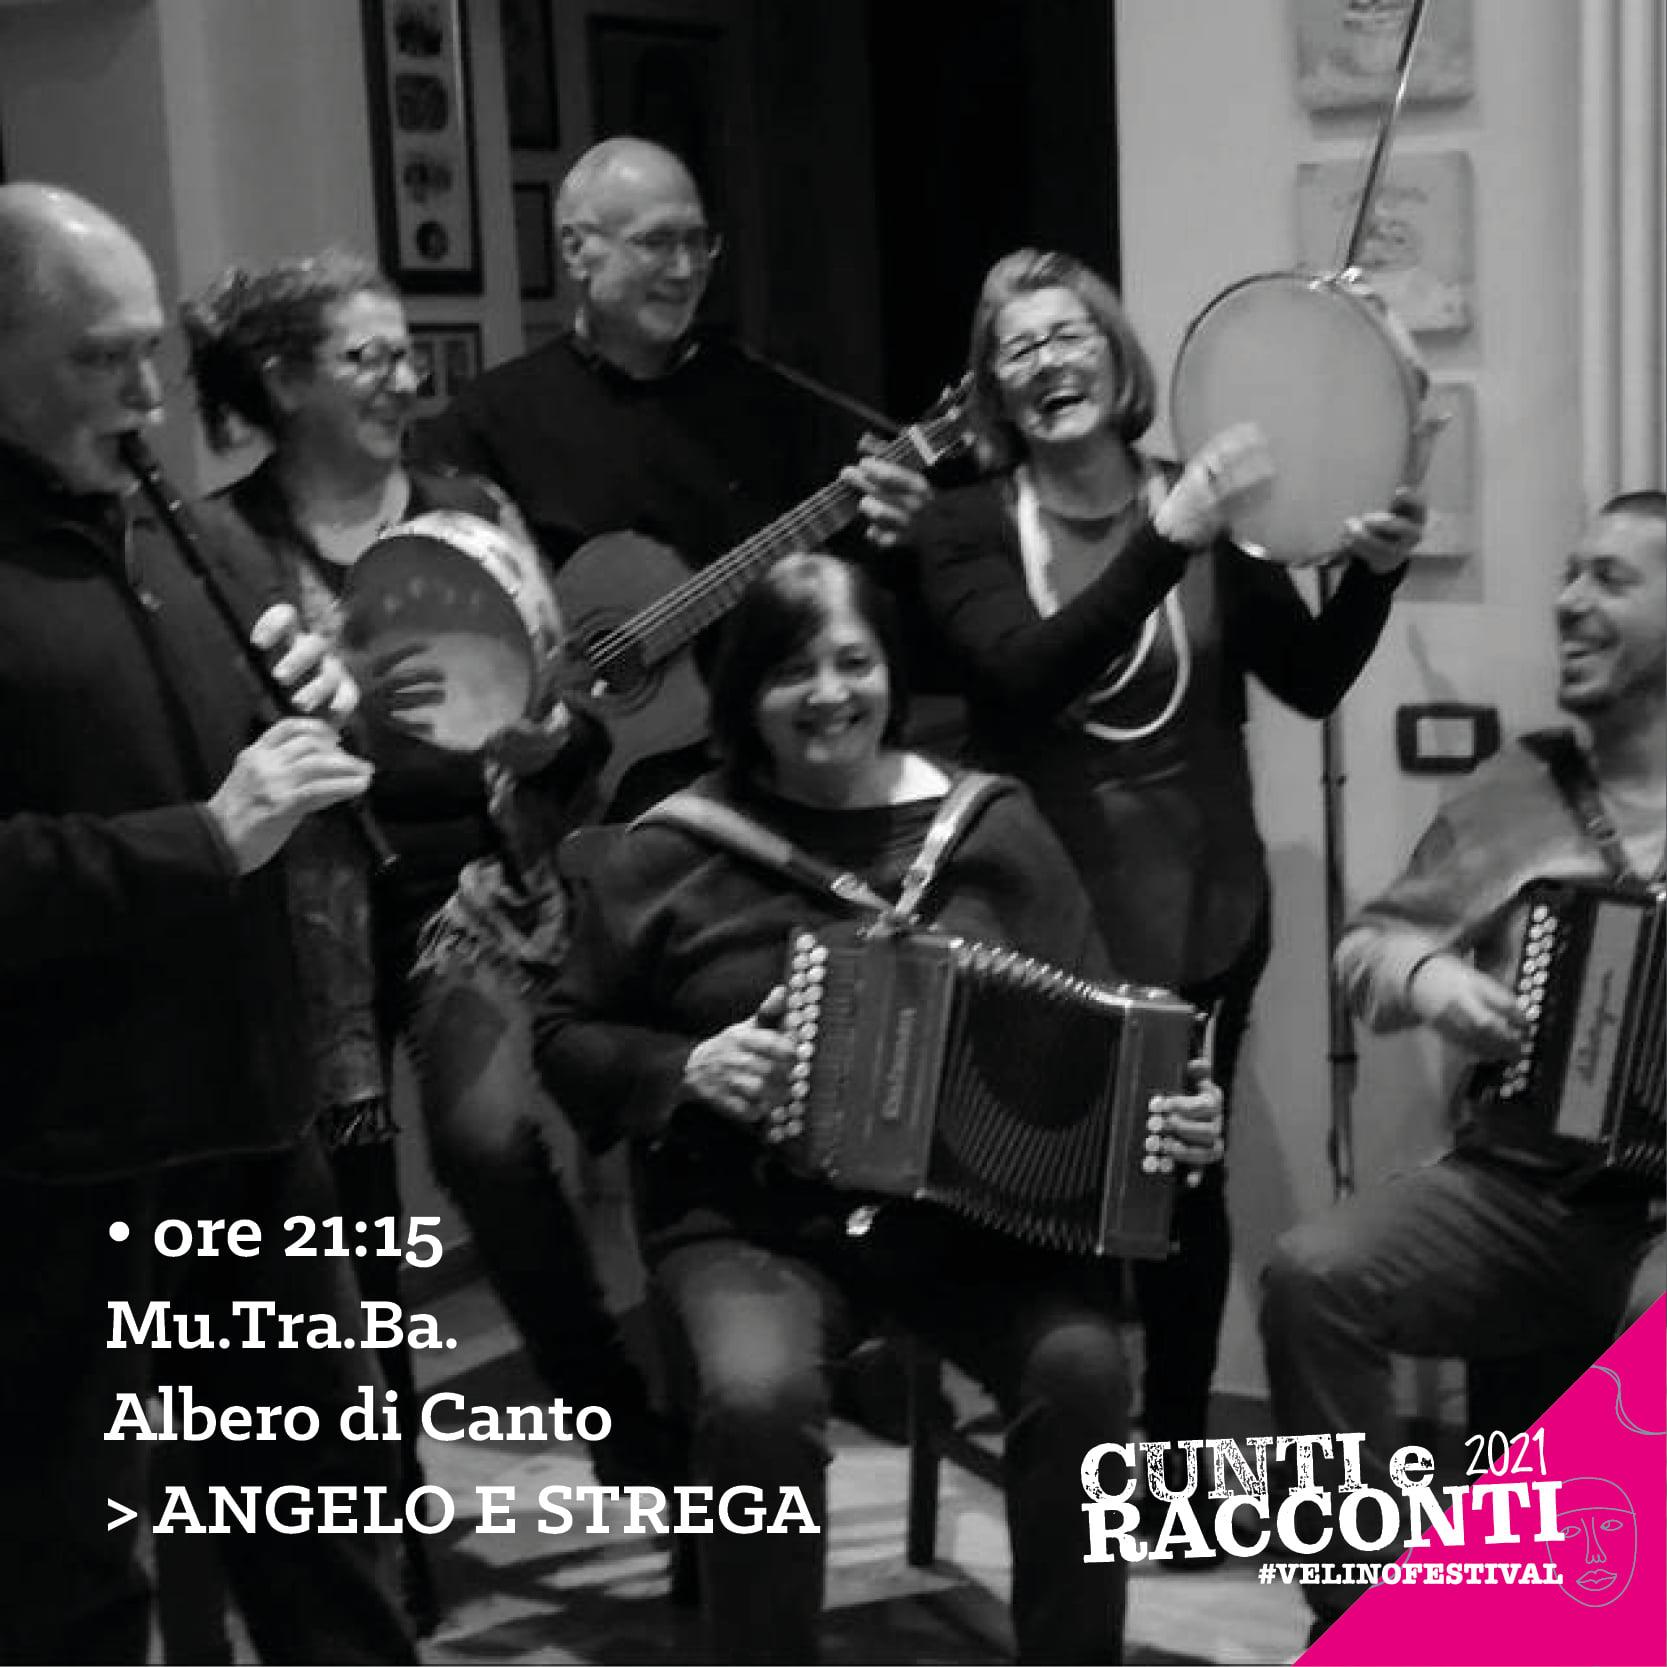 Cunti e Racconti Velino Festival / Albero di Canto